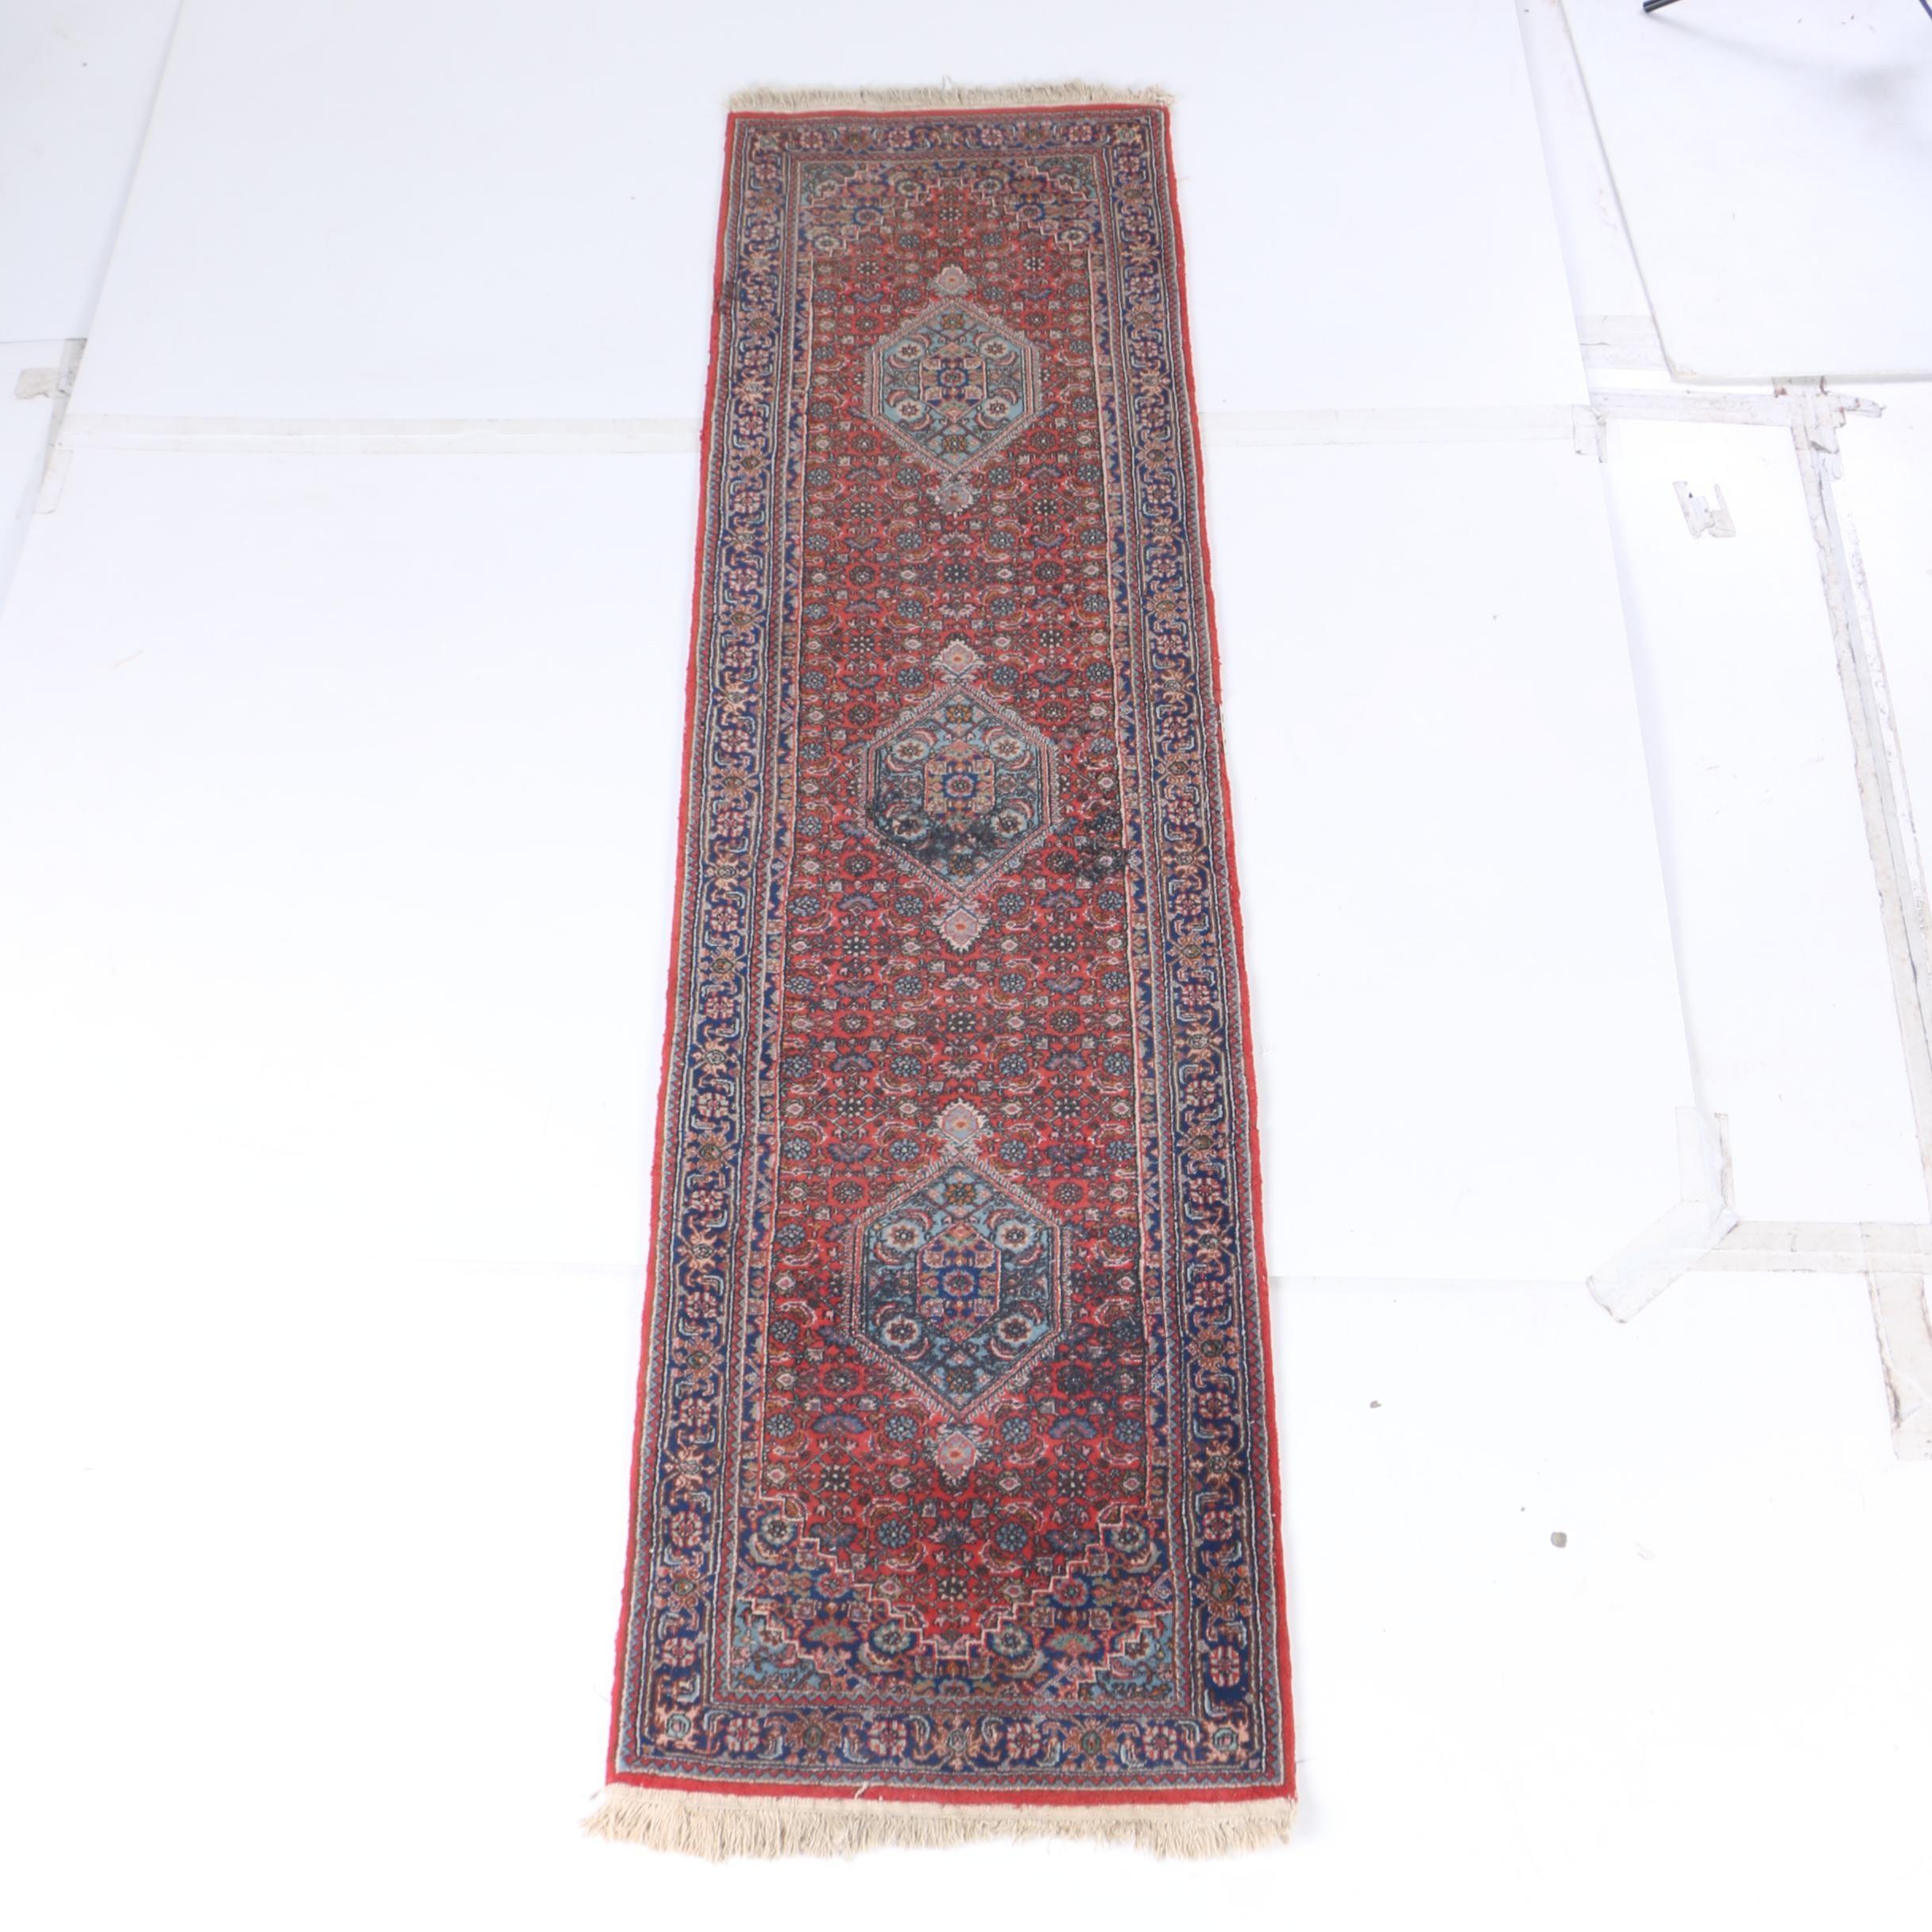 Hand-Knotted Bijar Wool Carpet Runner